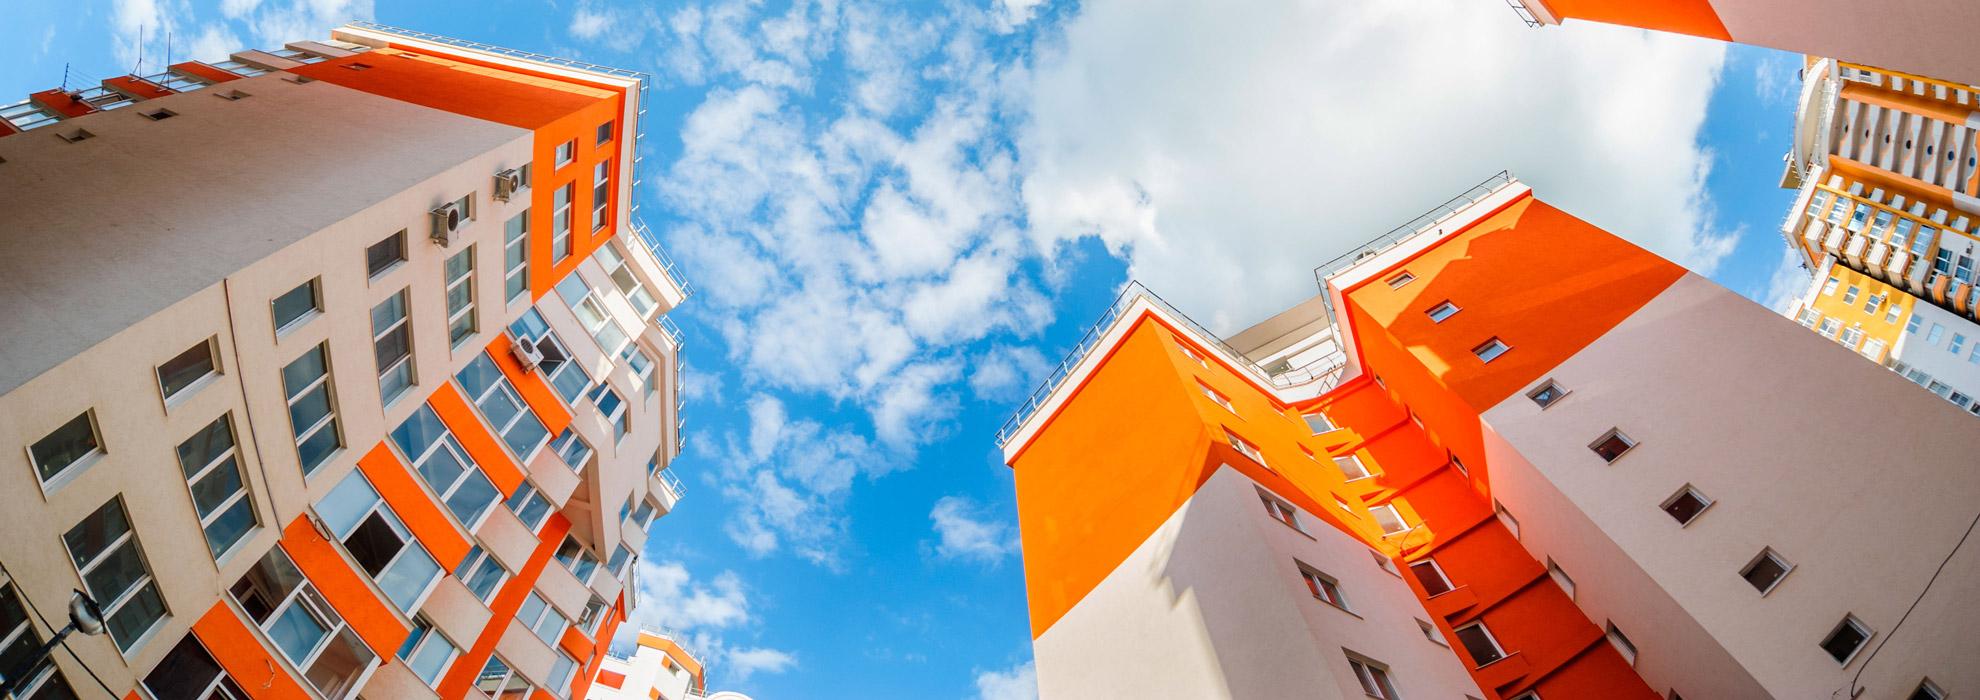 ComplejosHabitacionales1 | Soluciones en Lavandería para Complejos Habitacionales | Hi-Wash - Soluciones de Lavado, Secado y Planchado